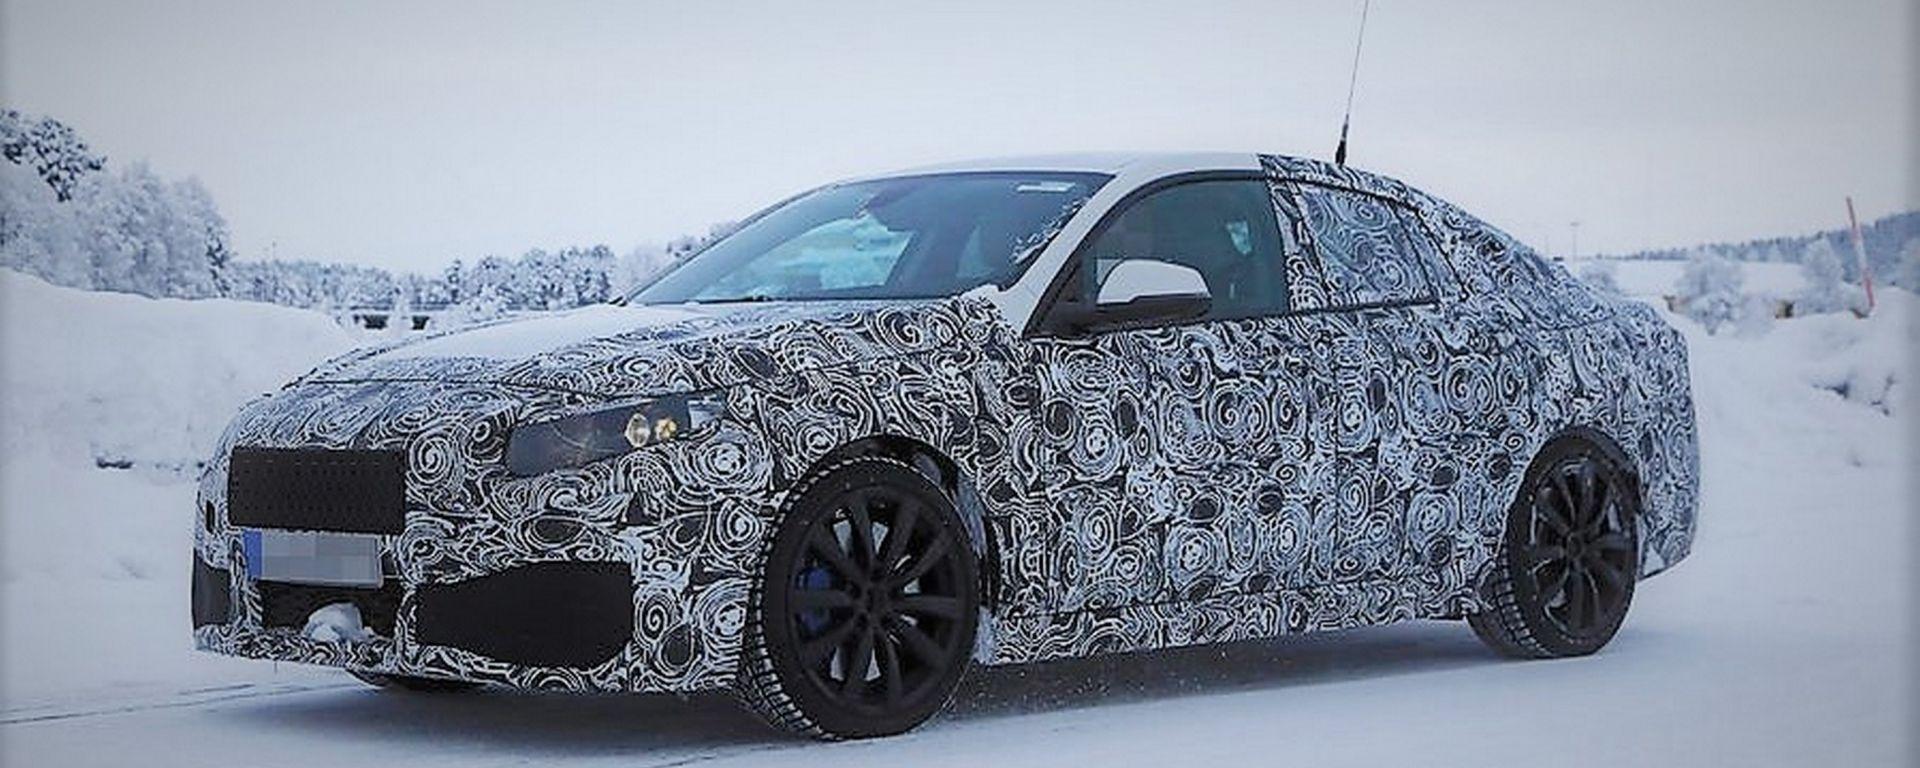 BMW M2 Gran Coupé: le foto spia della nuova versione attesa nel 2019